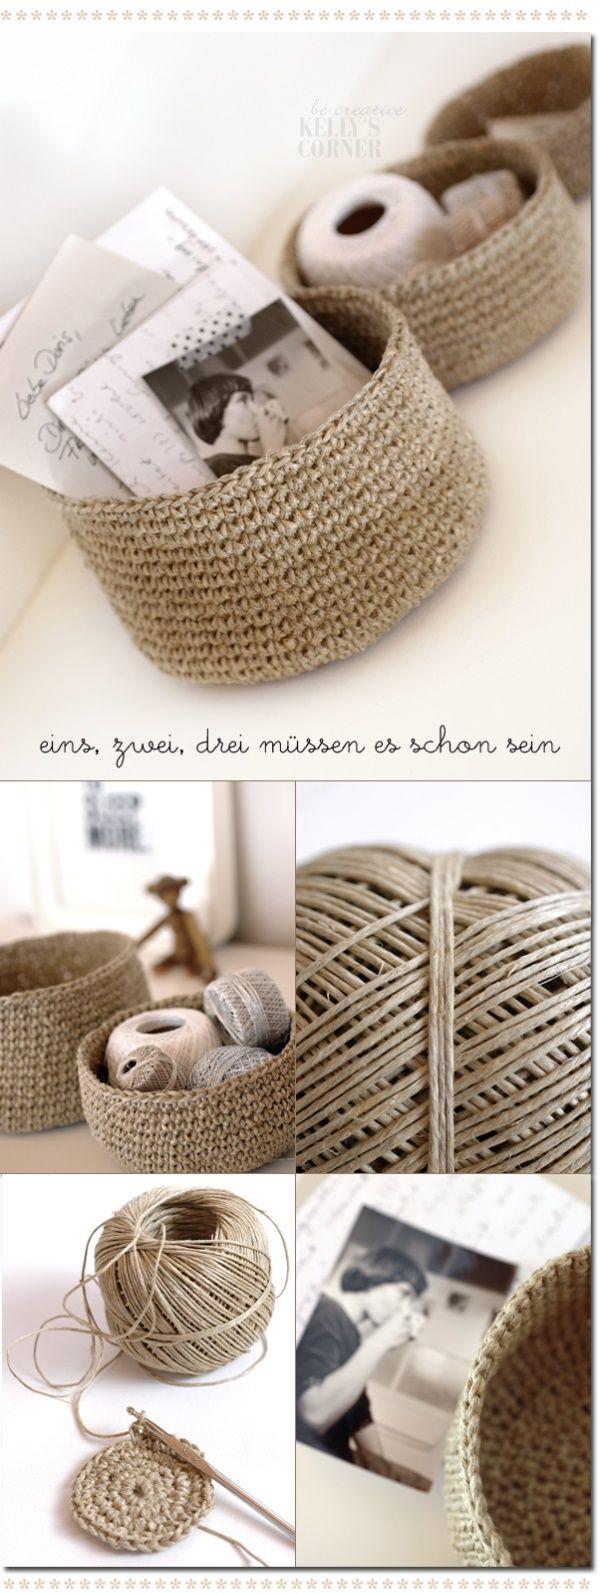 haken met touw